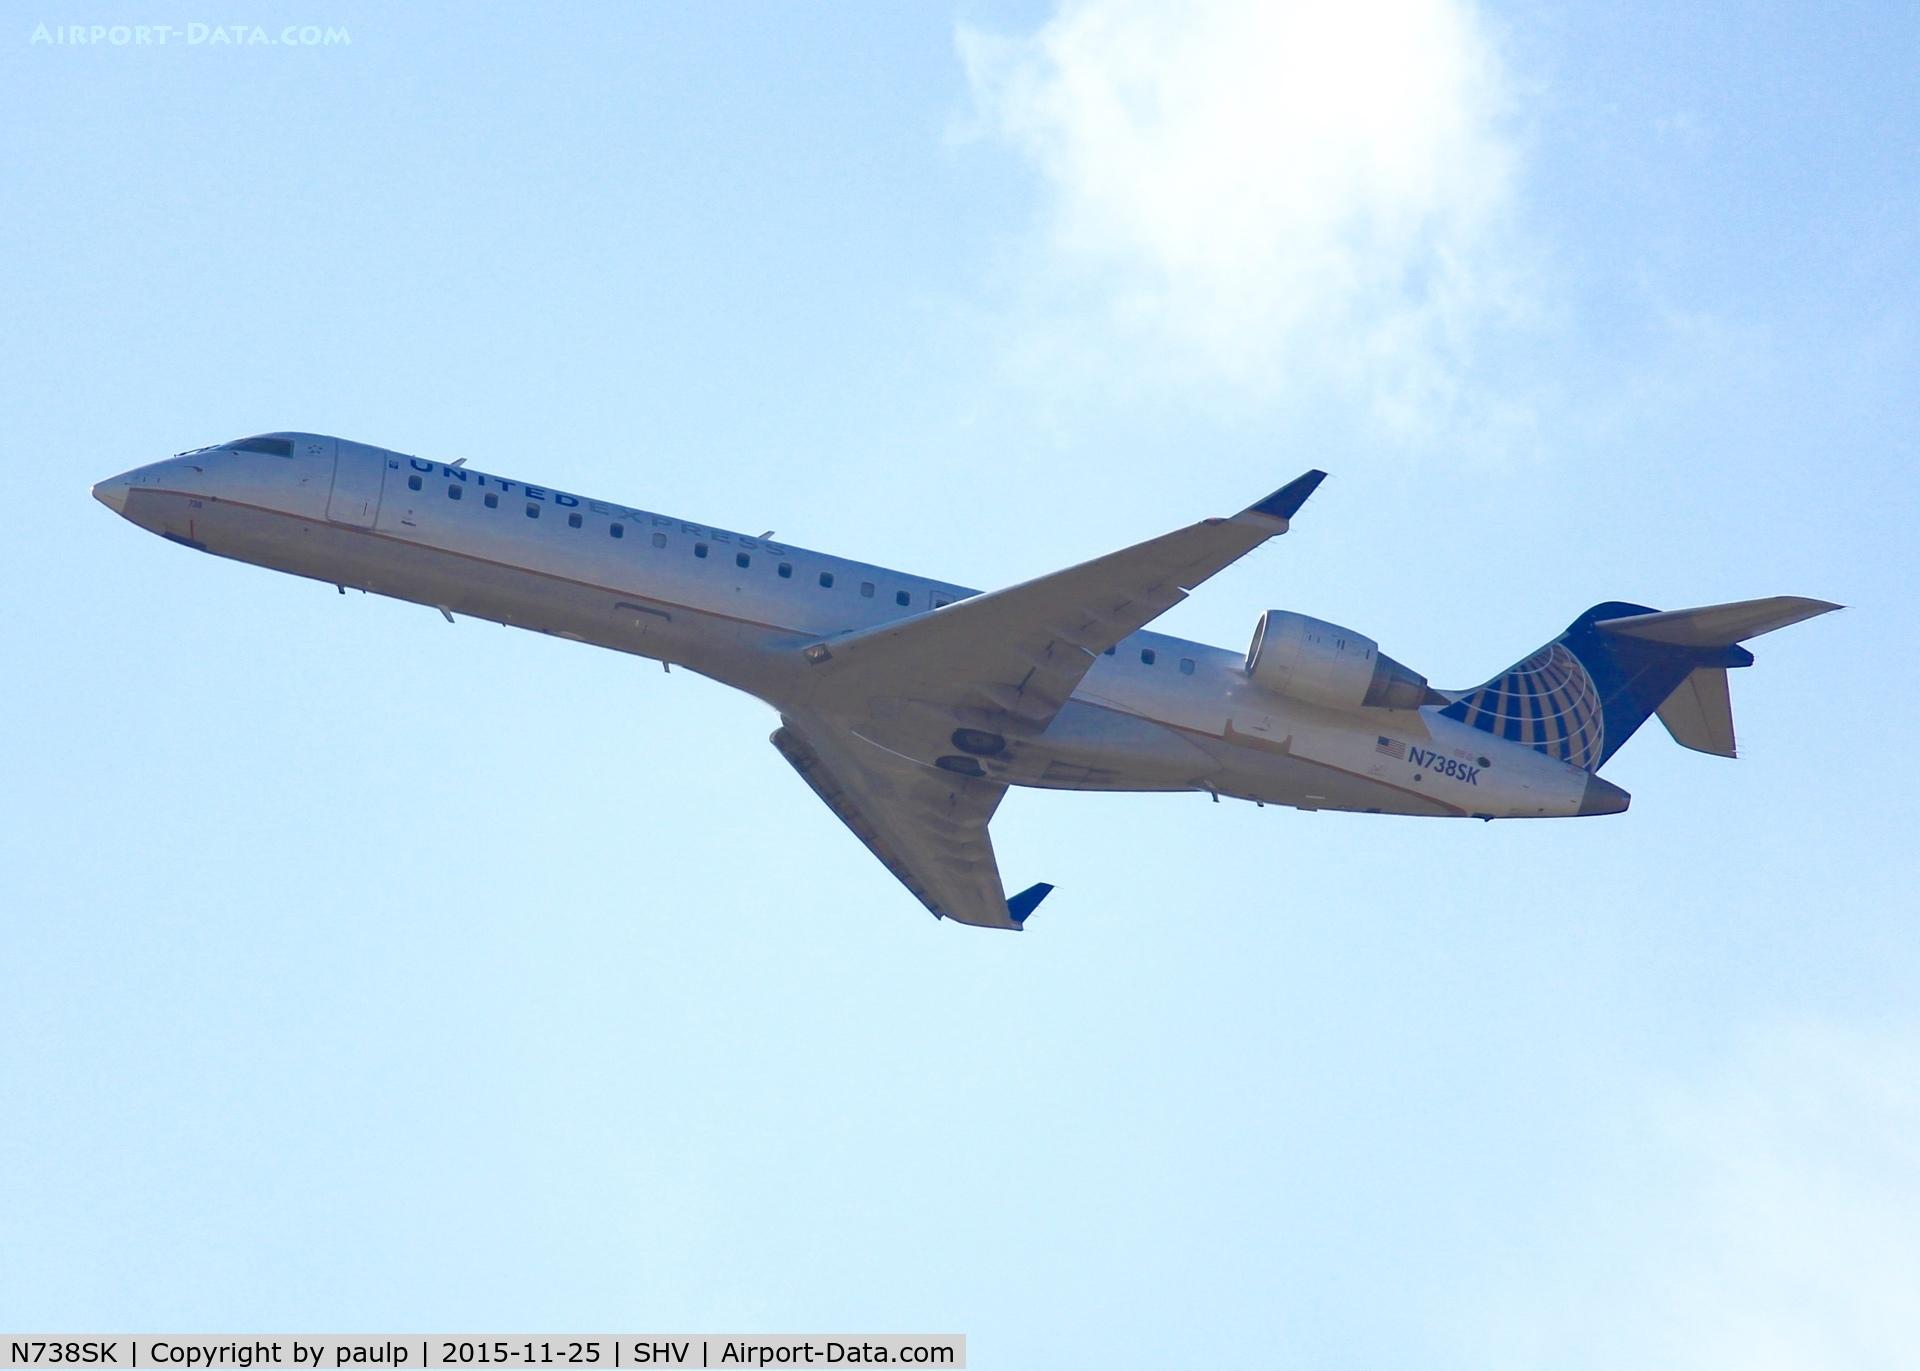 N738SK, 2005 Bombardier CRJ-700 (CL-600-2C10) Regional Jet C/N 10195, At Shreveport Regional.